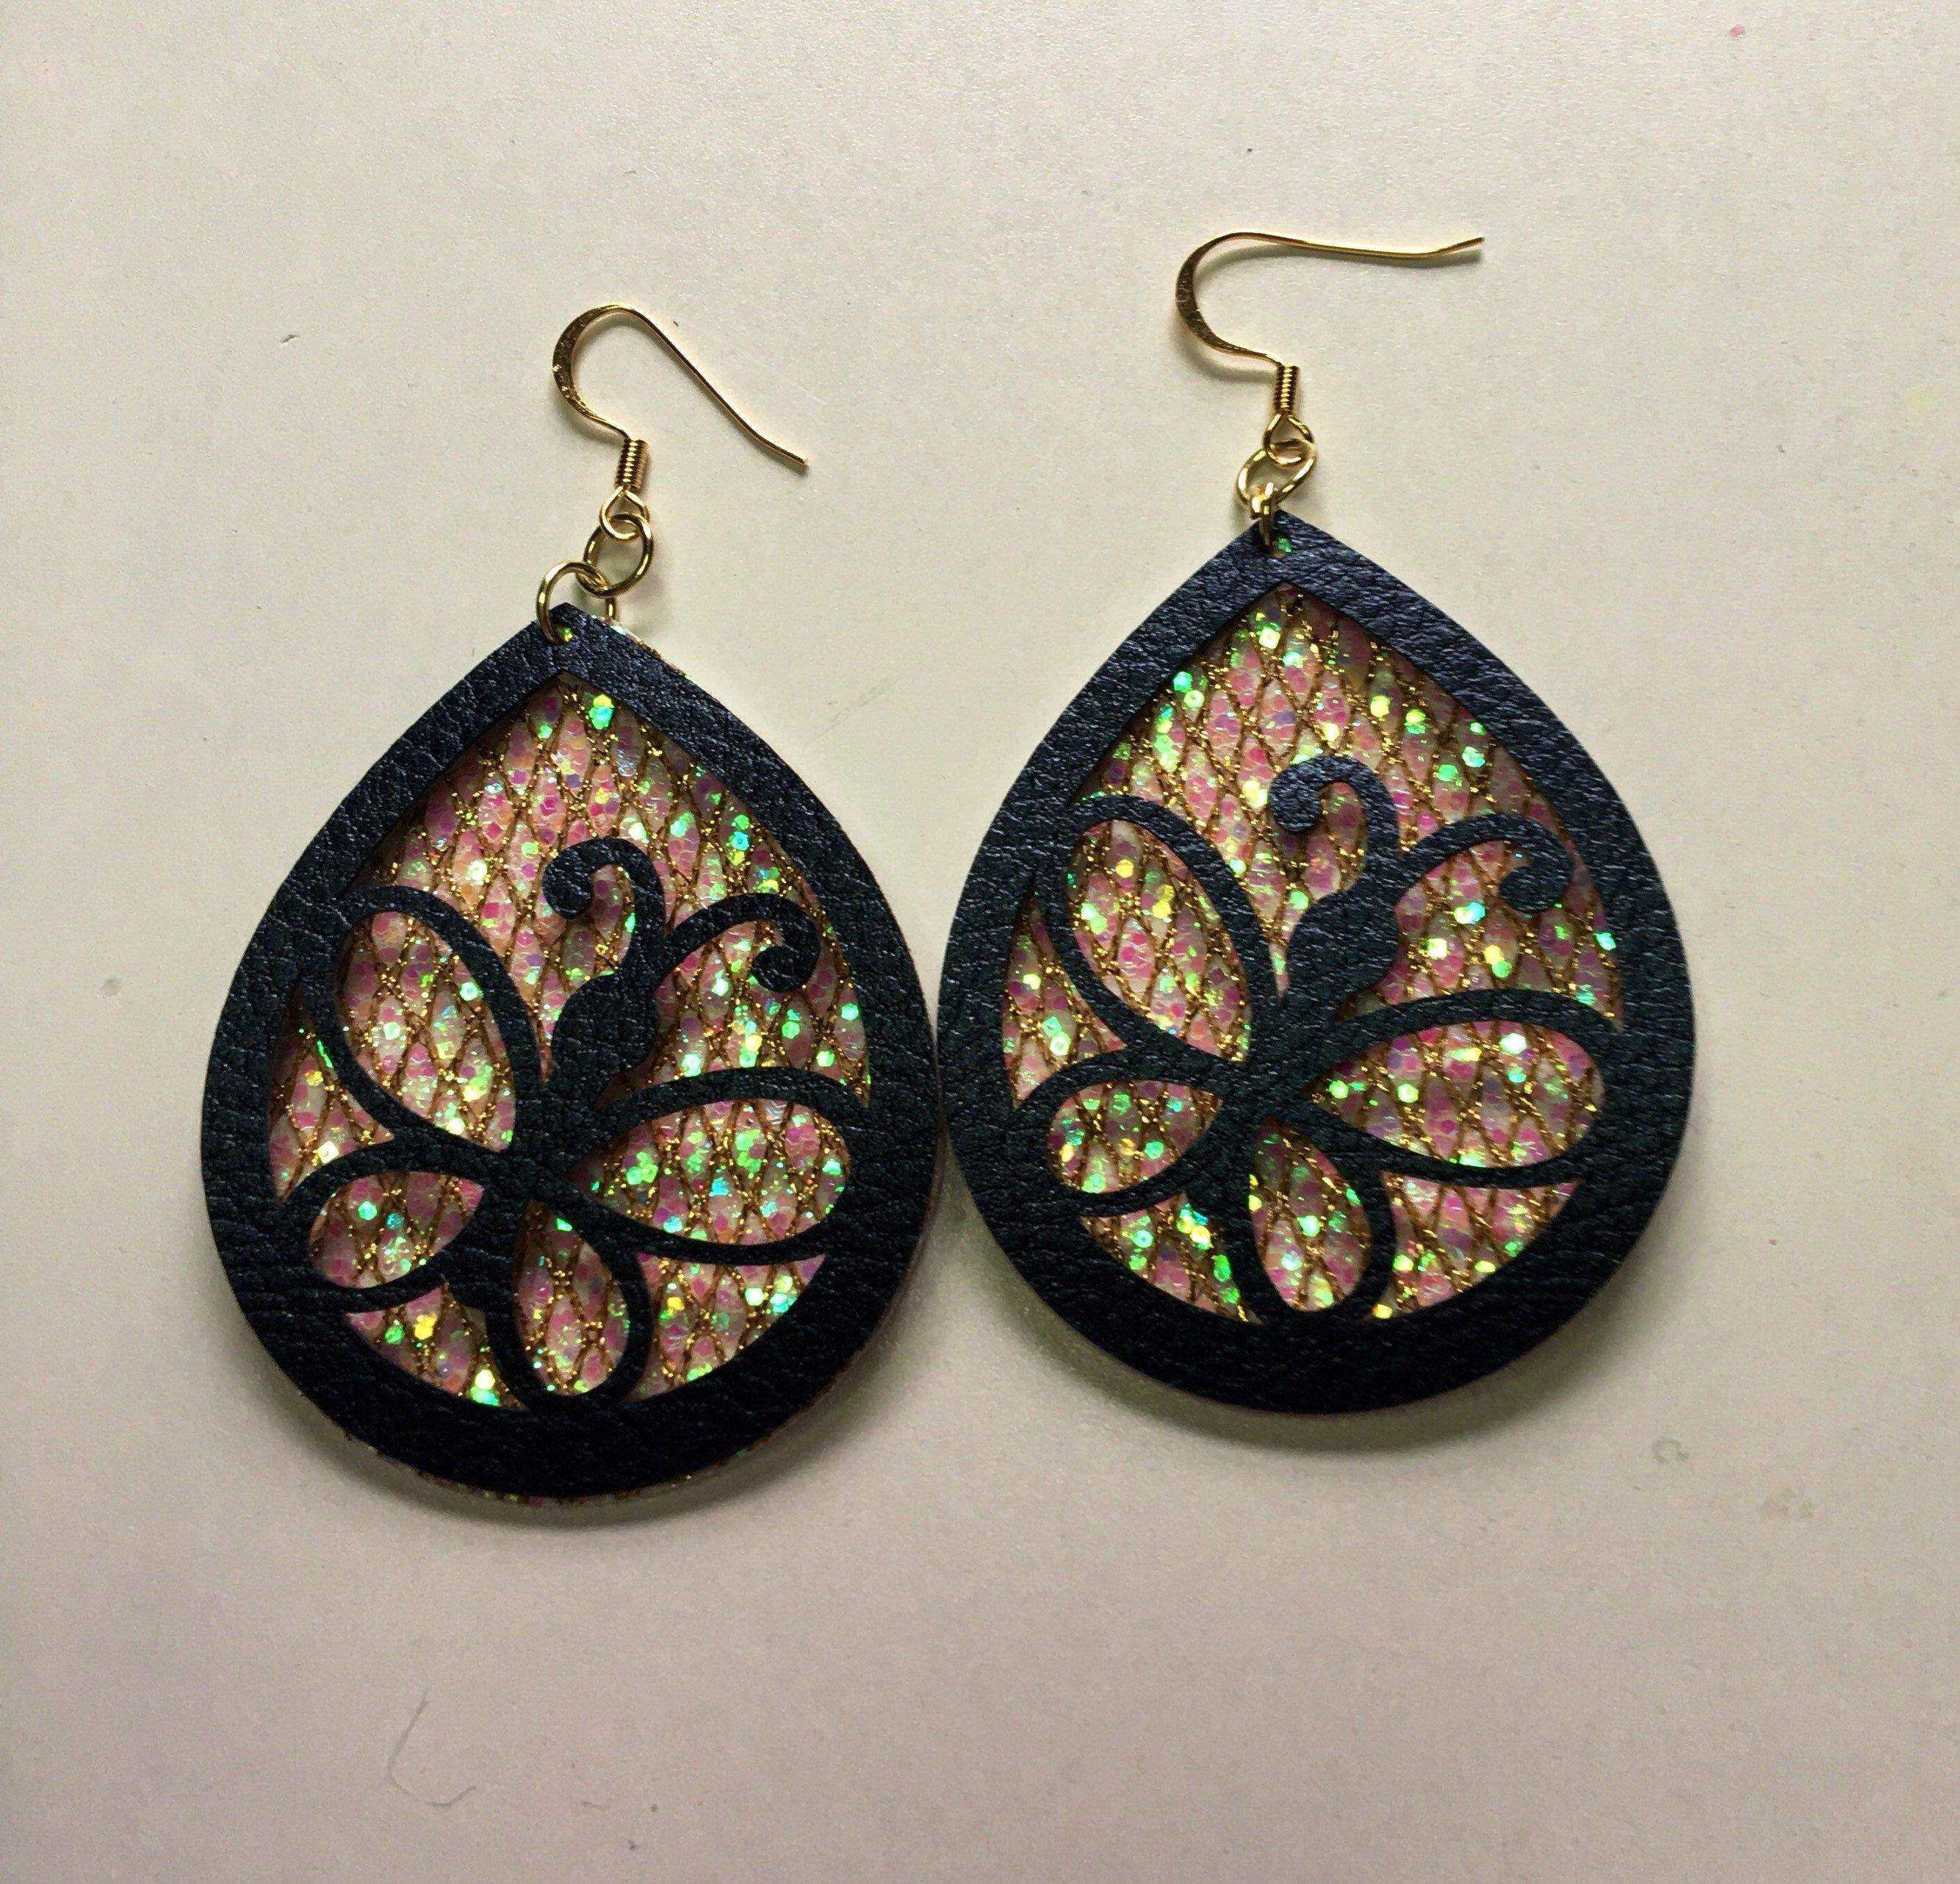 Feather Earrings Fall Jewelry Olive Boho Fan Earrings Faux Leather Earring Glitter Earrings Trendy Jewelry Fringe Earrings